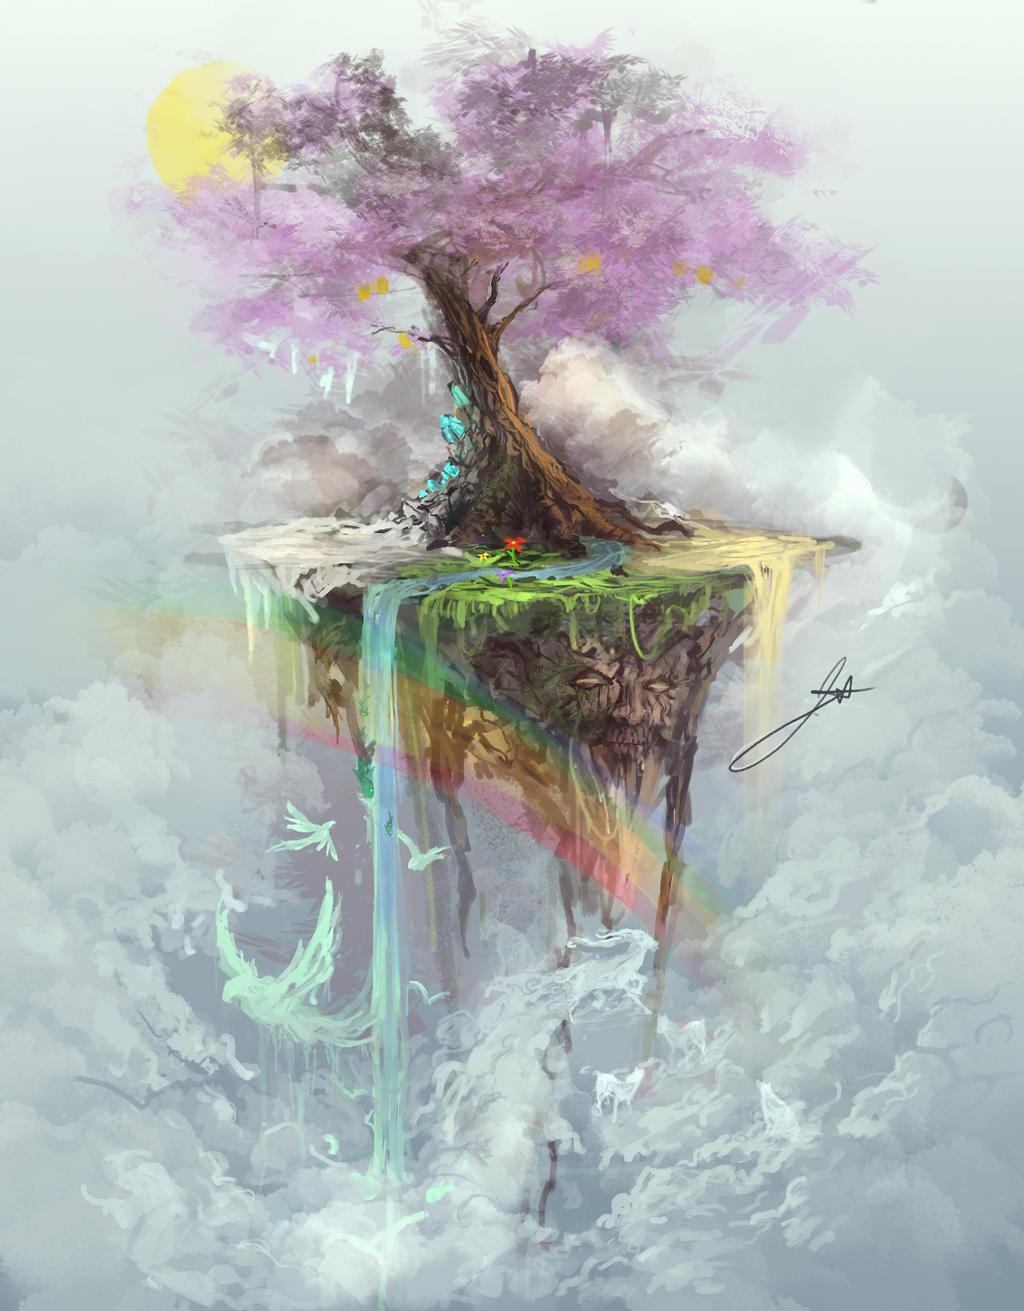 Tree of Life by JasonTN